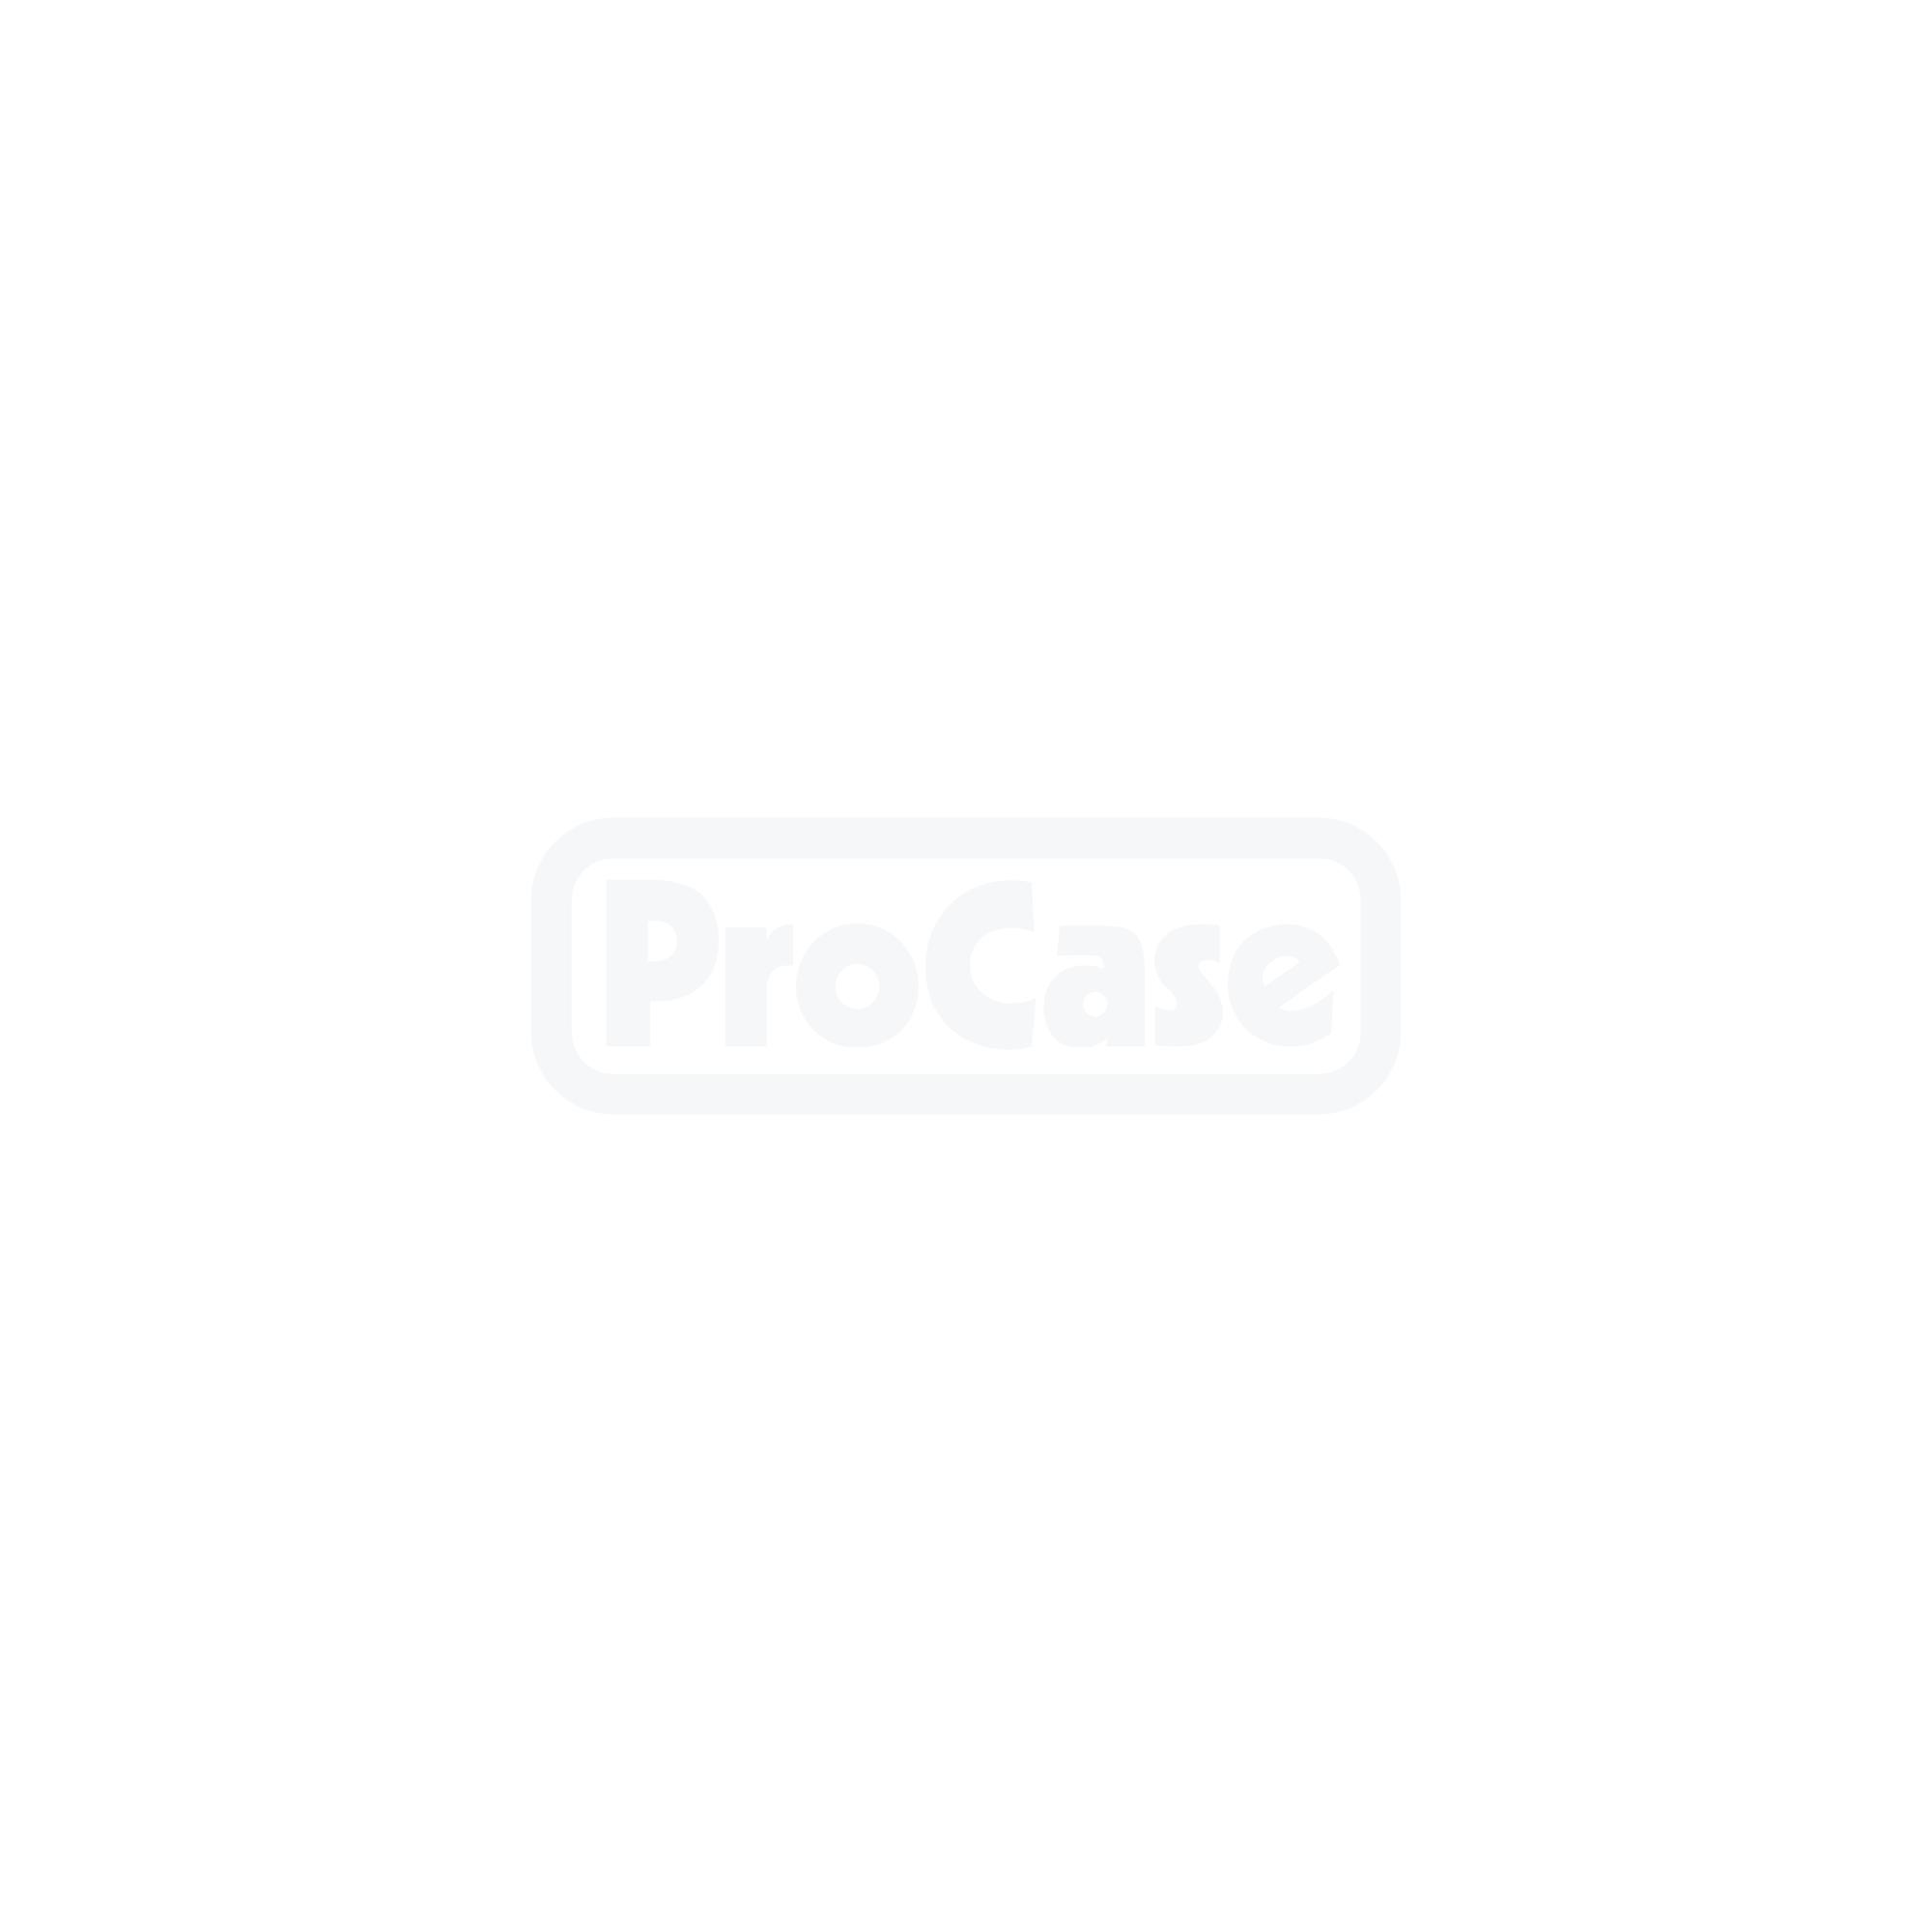 Doppel Screen-Lift Case